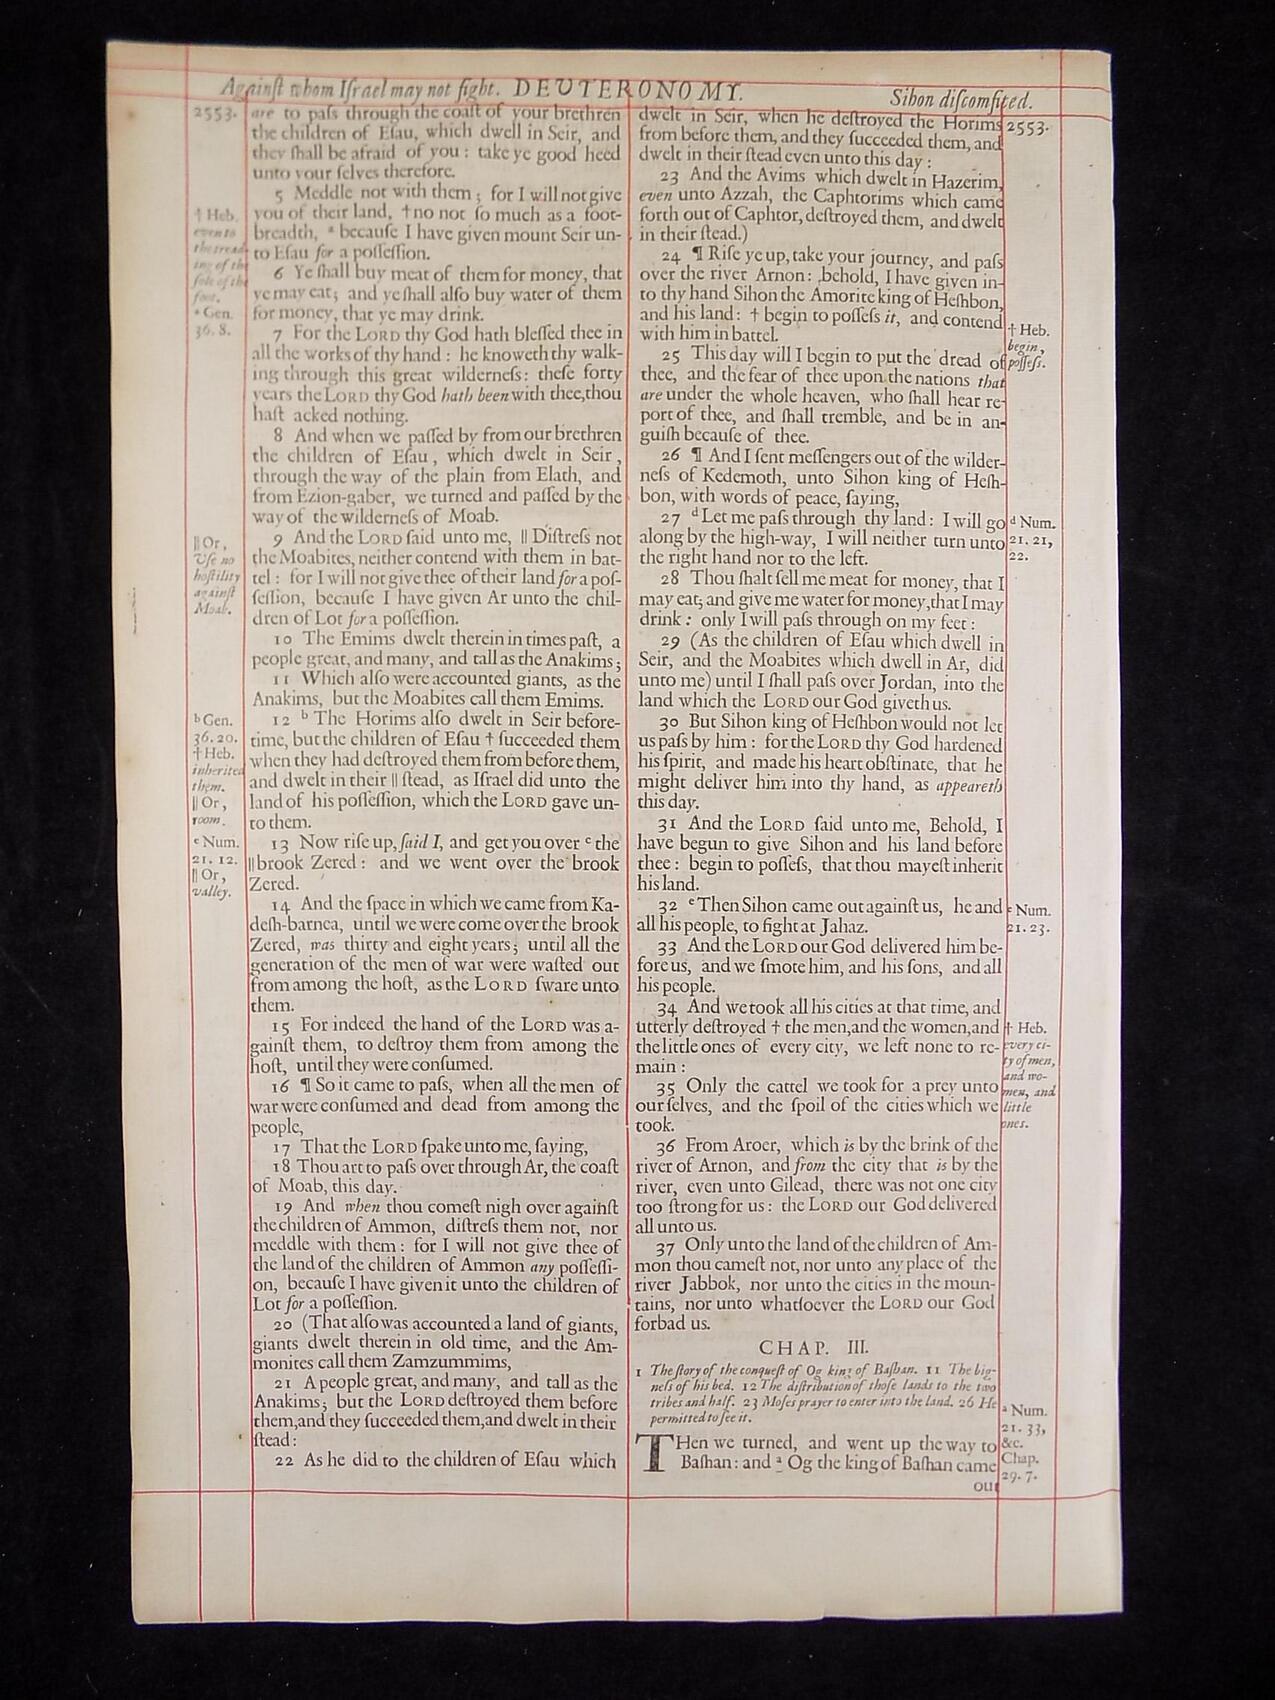 1680 OXFORD KJV DEUTERONOMY LEAVES